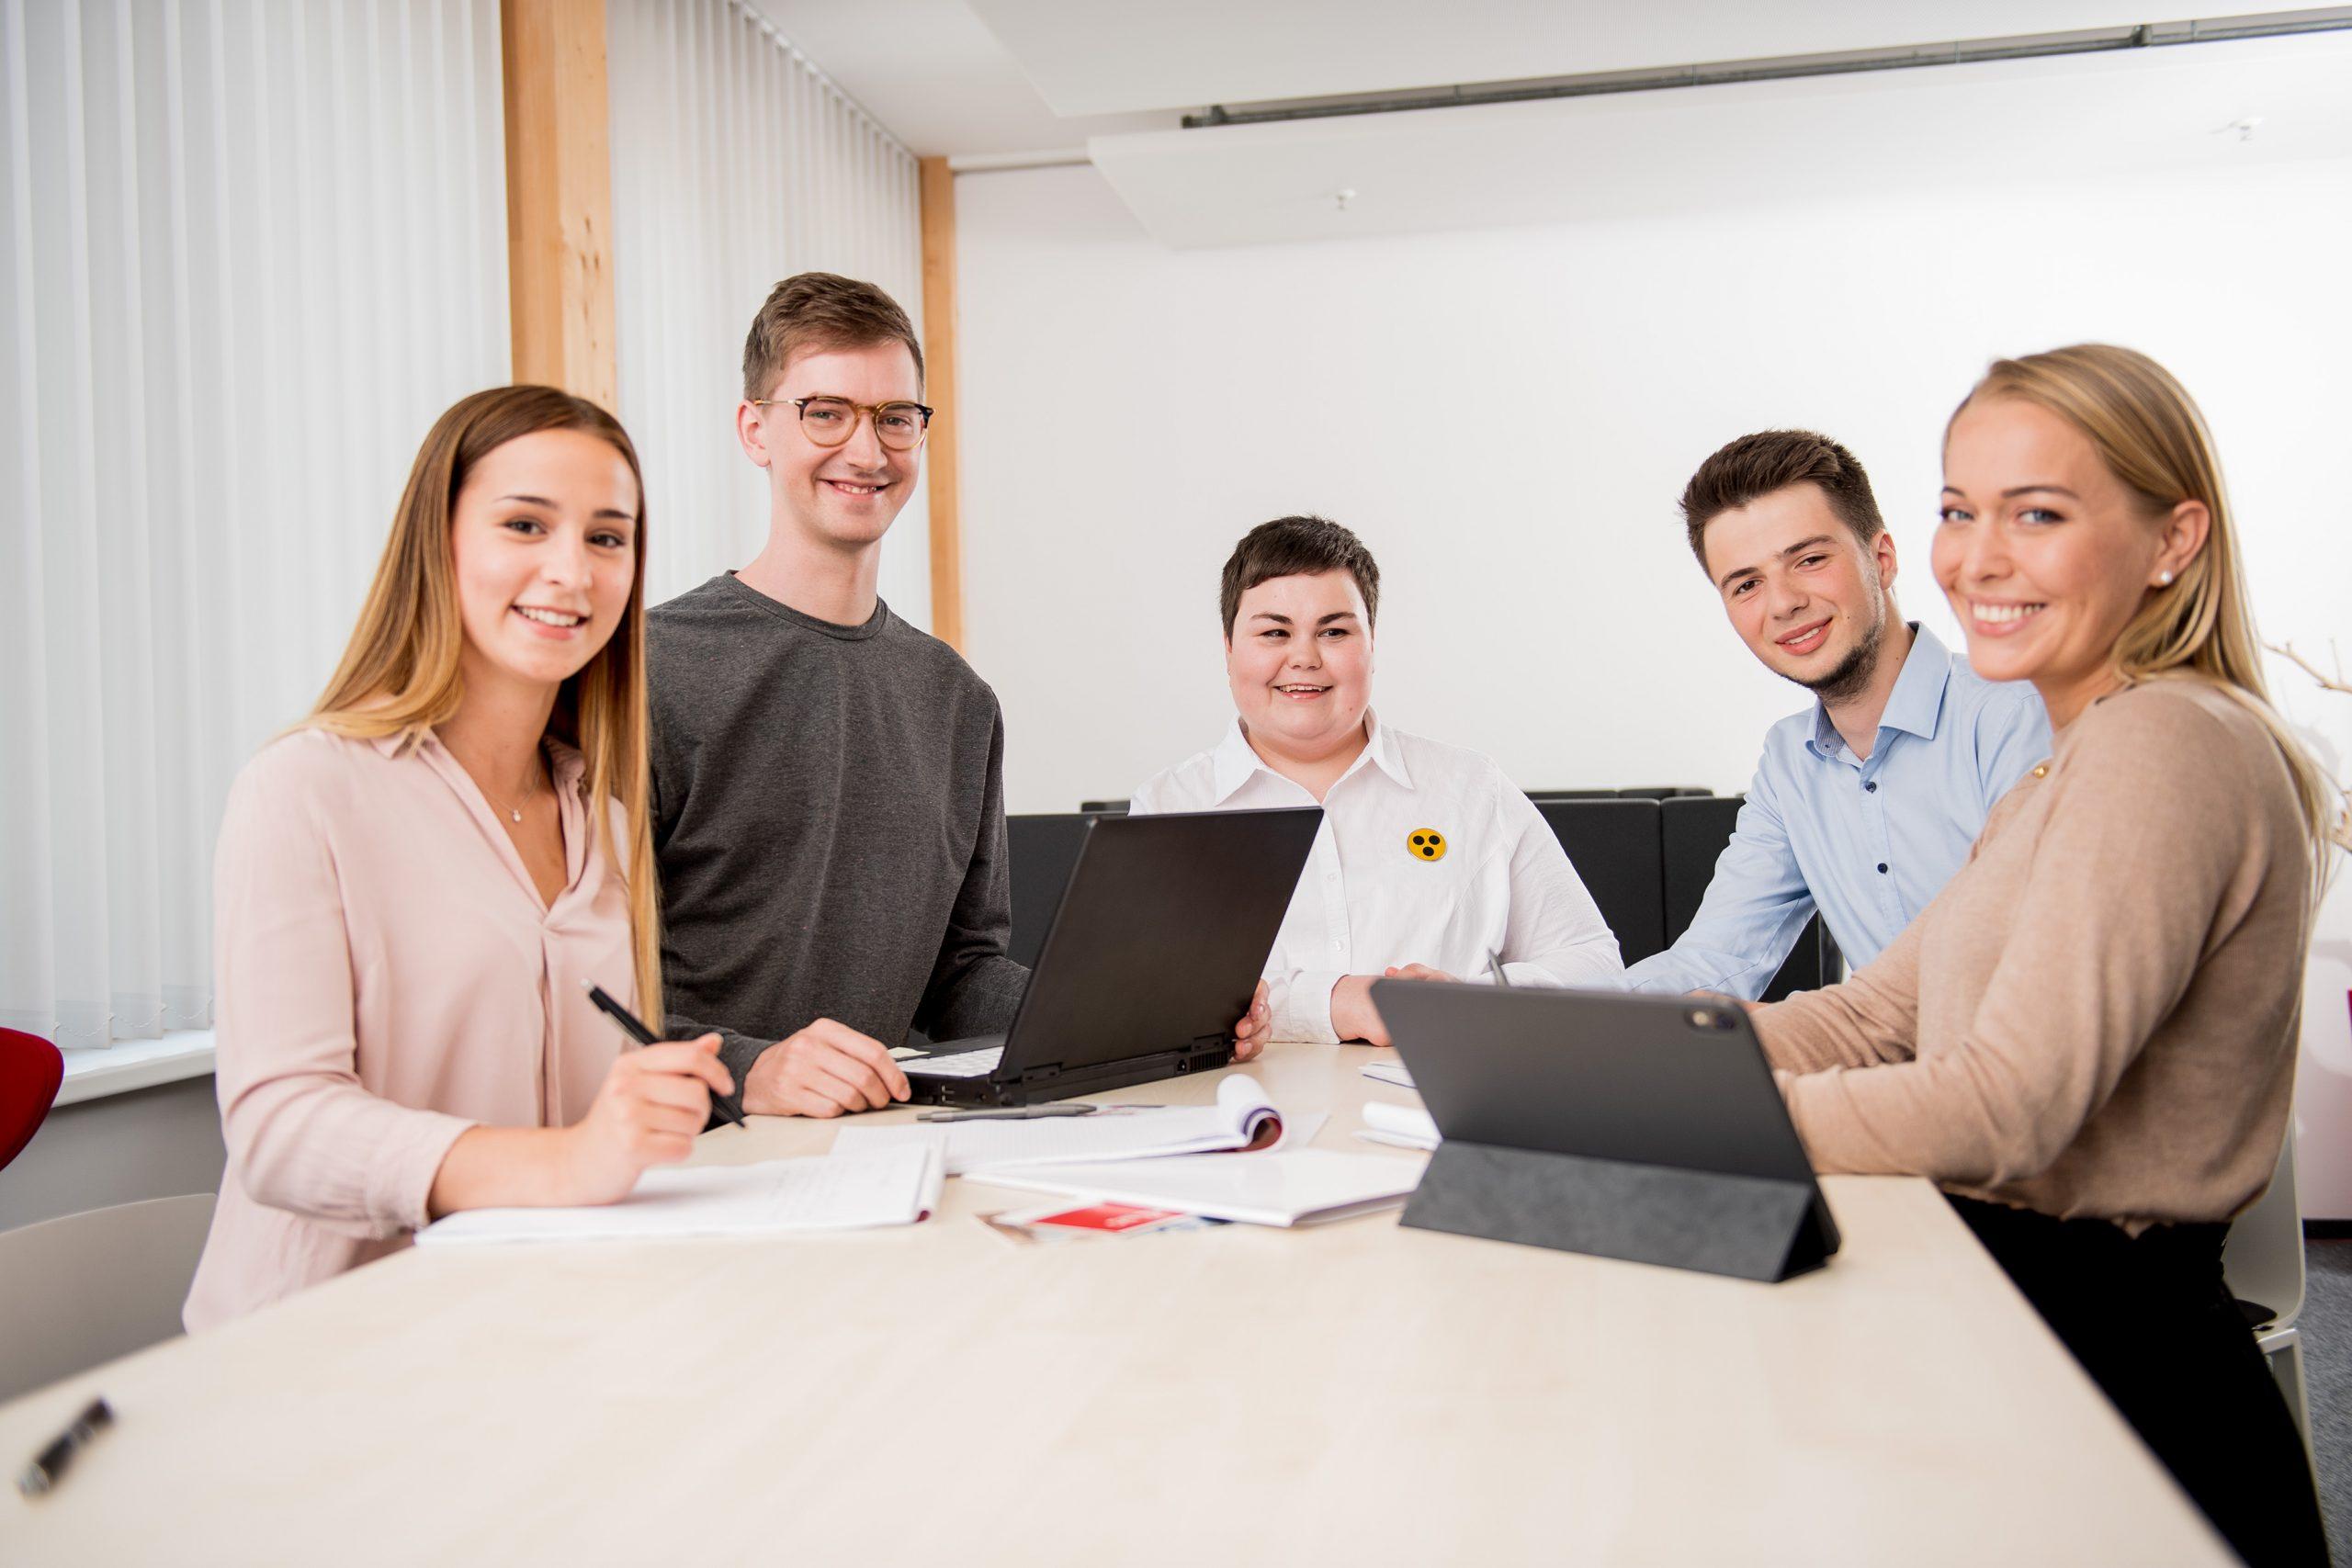 Junge Menschen vor einem Rechner